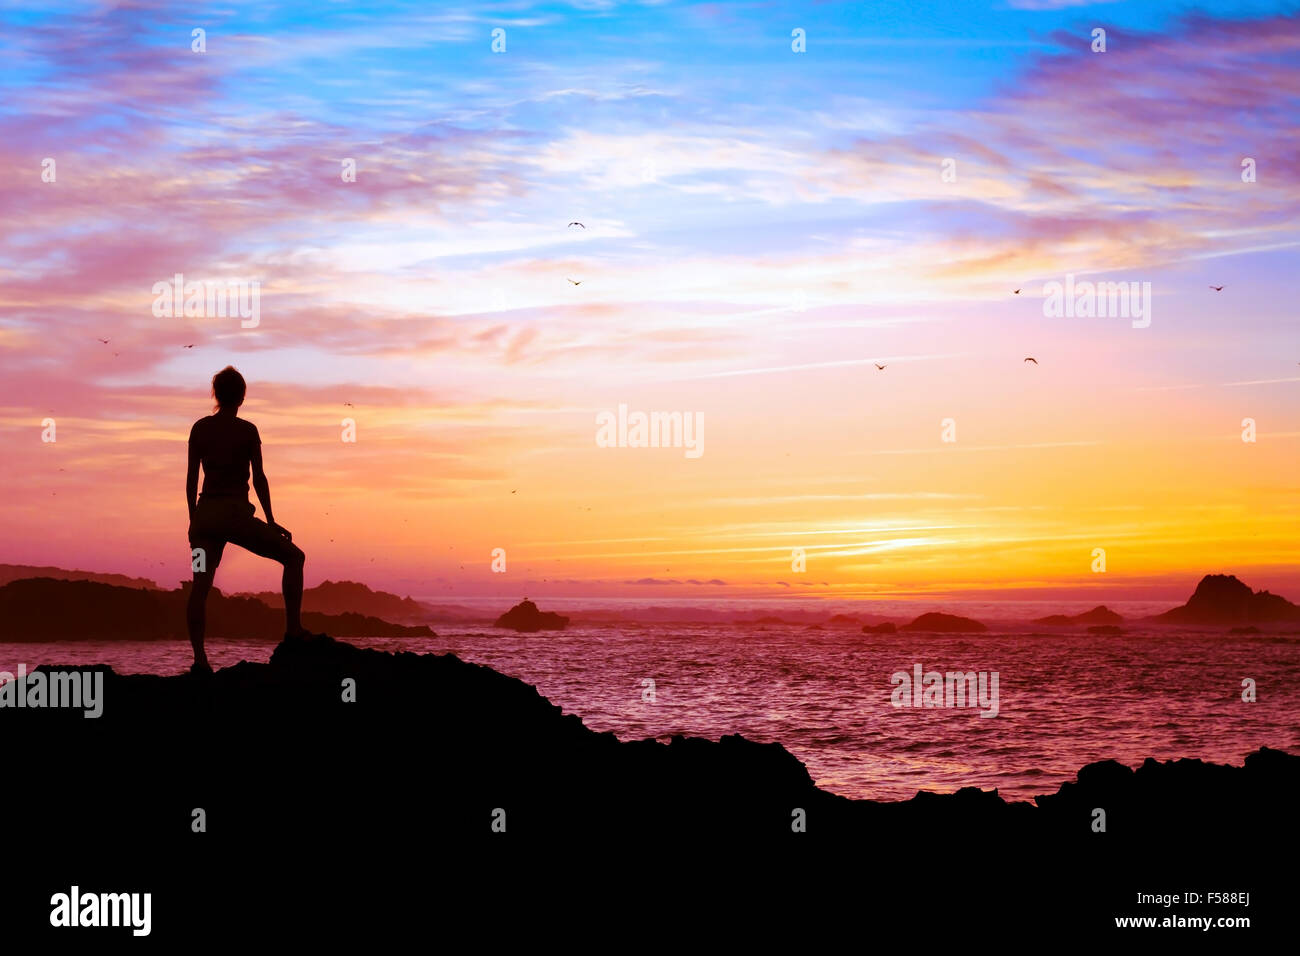 Wellness Konzept, Silhouette der Person, die schönen Sonnenuntergang mit Blick auf Meer Stockbild